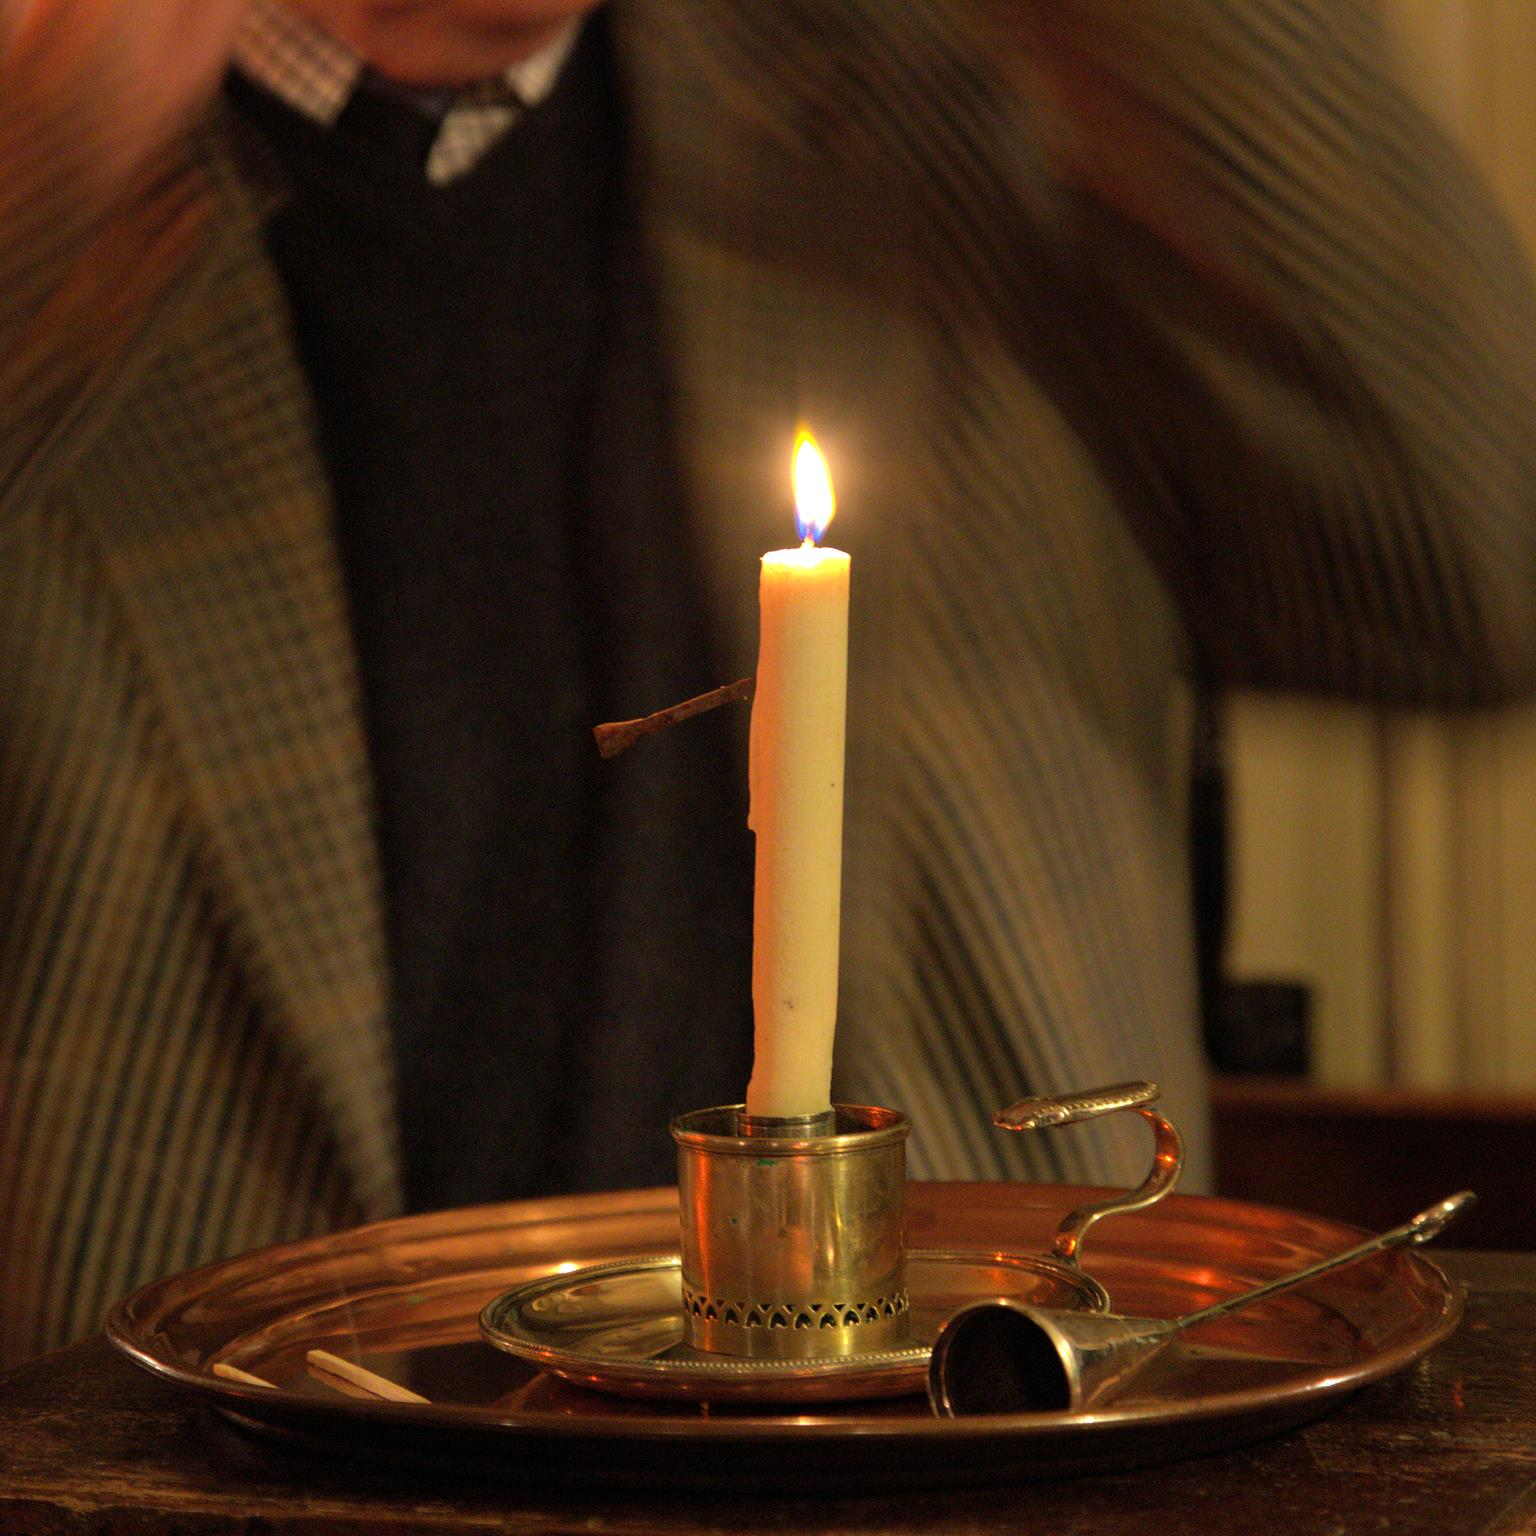 candle auction vente à la bougie vente aux enchères